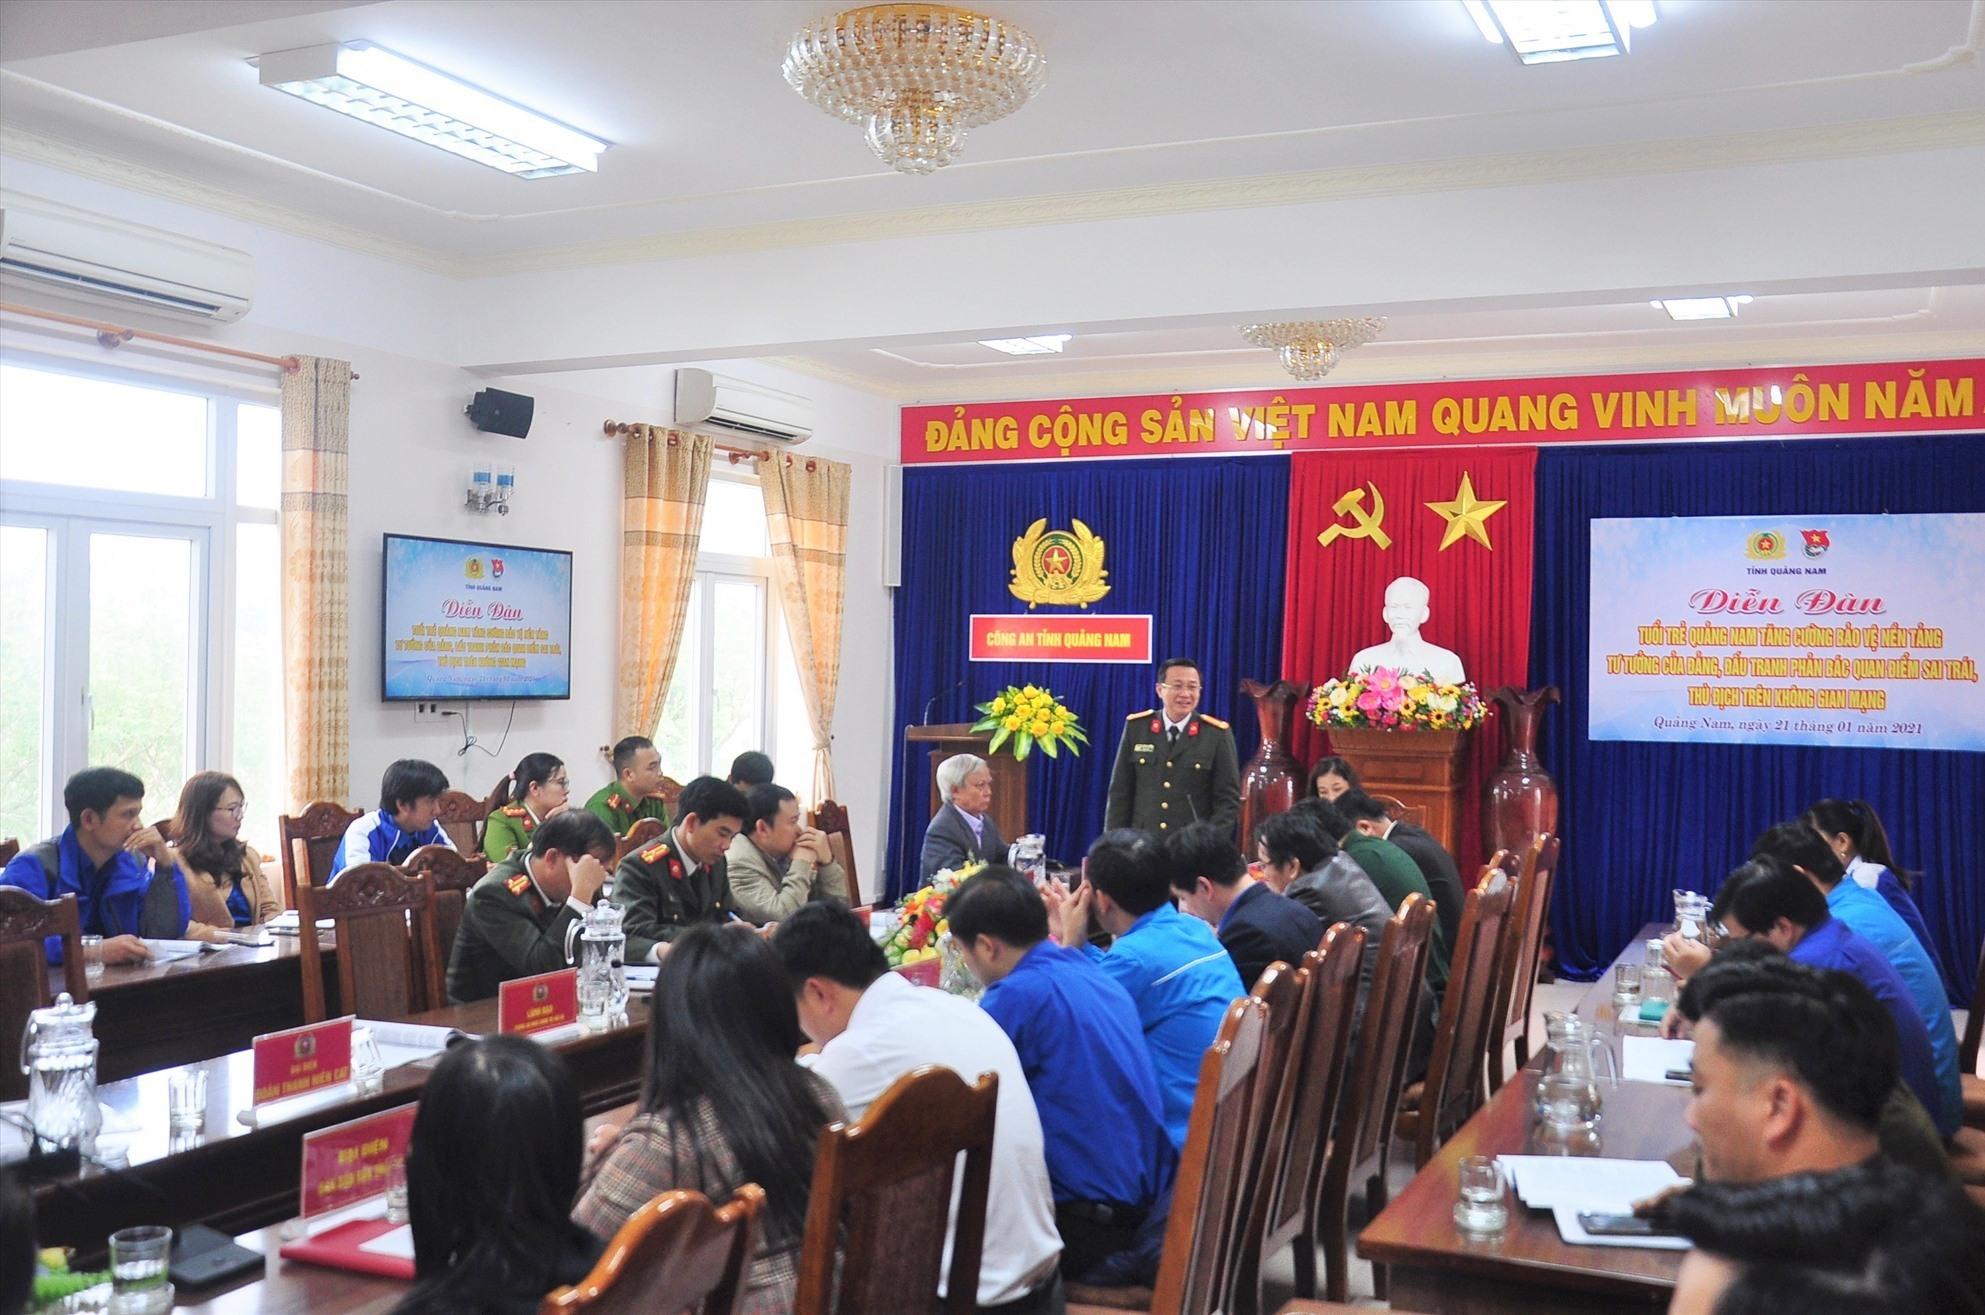 Thượng tá Nguyễn Thành Long - Phó Giám đốc Công an tỉnh phát biểu tại diễn đàn. Ảnh: V.ANH